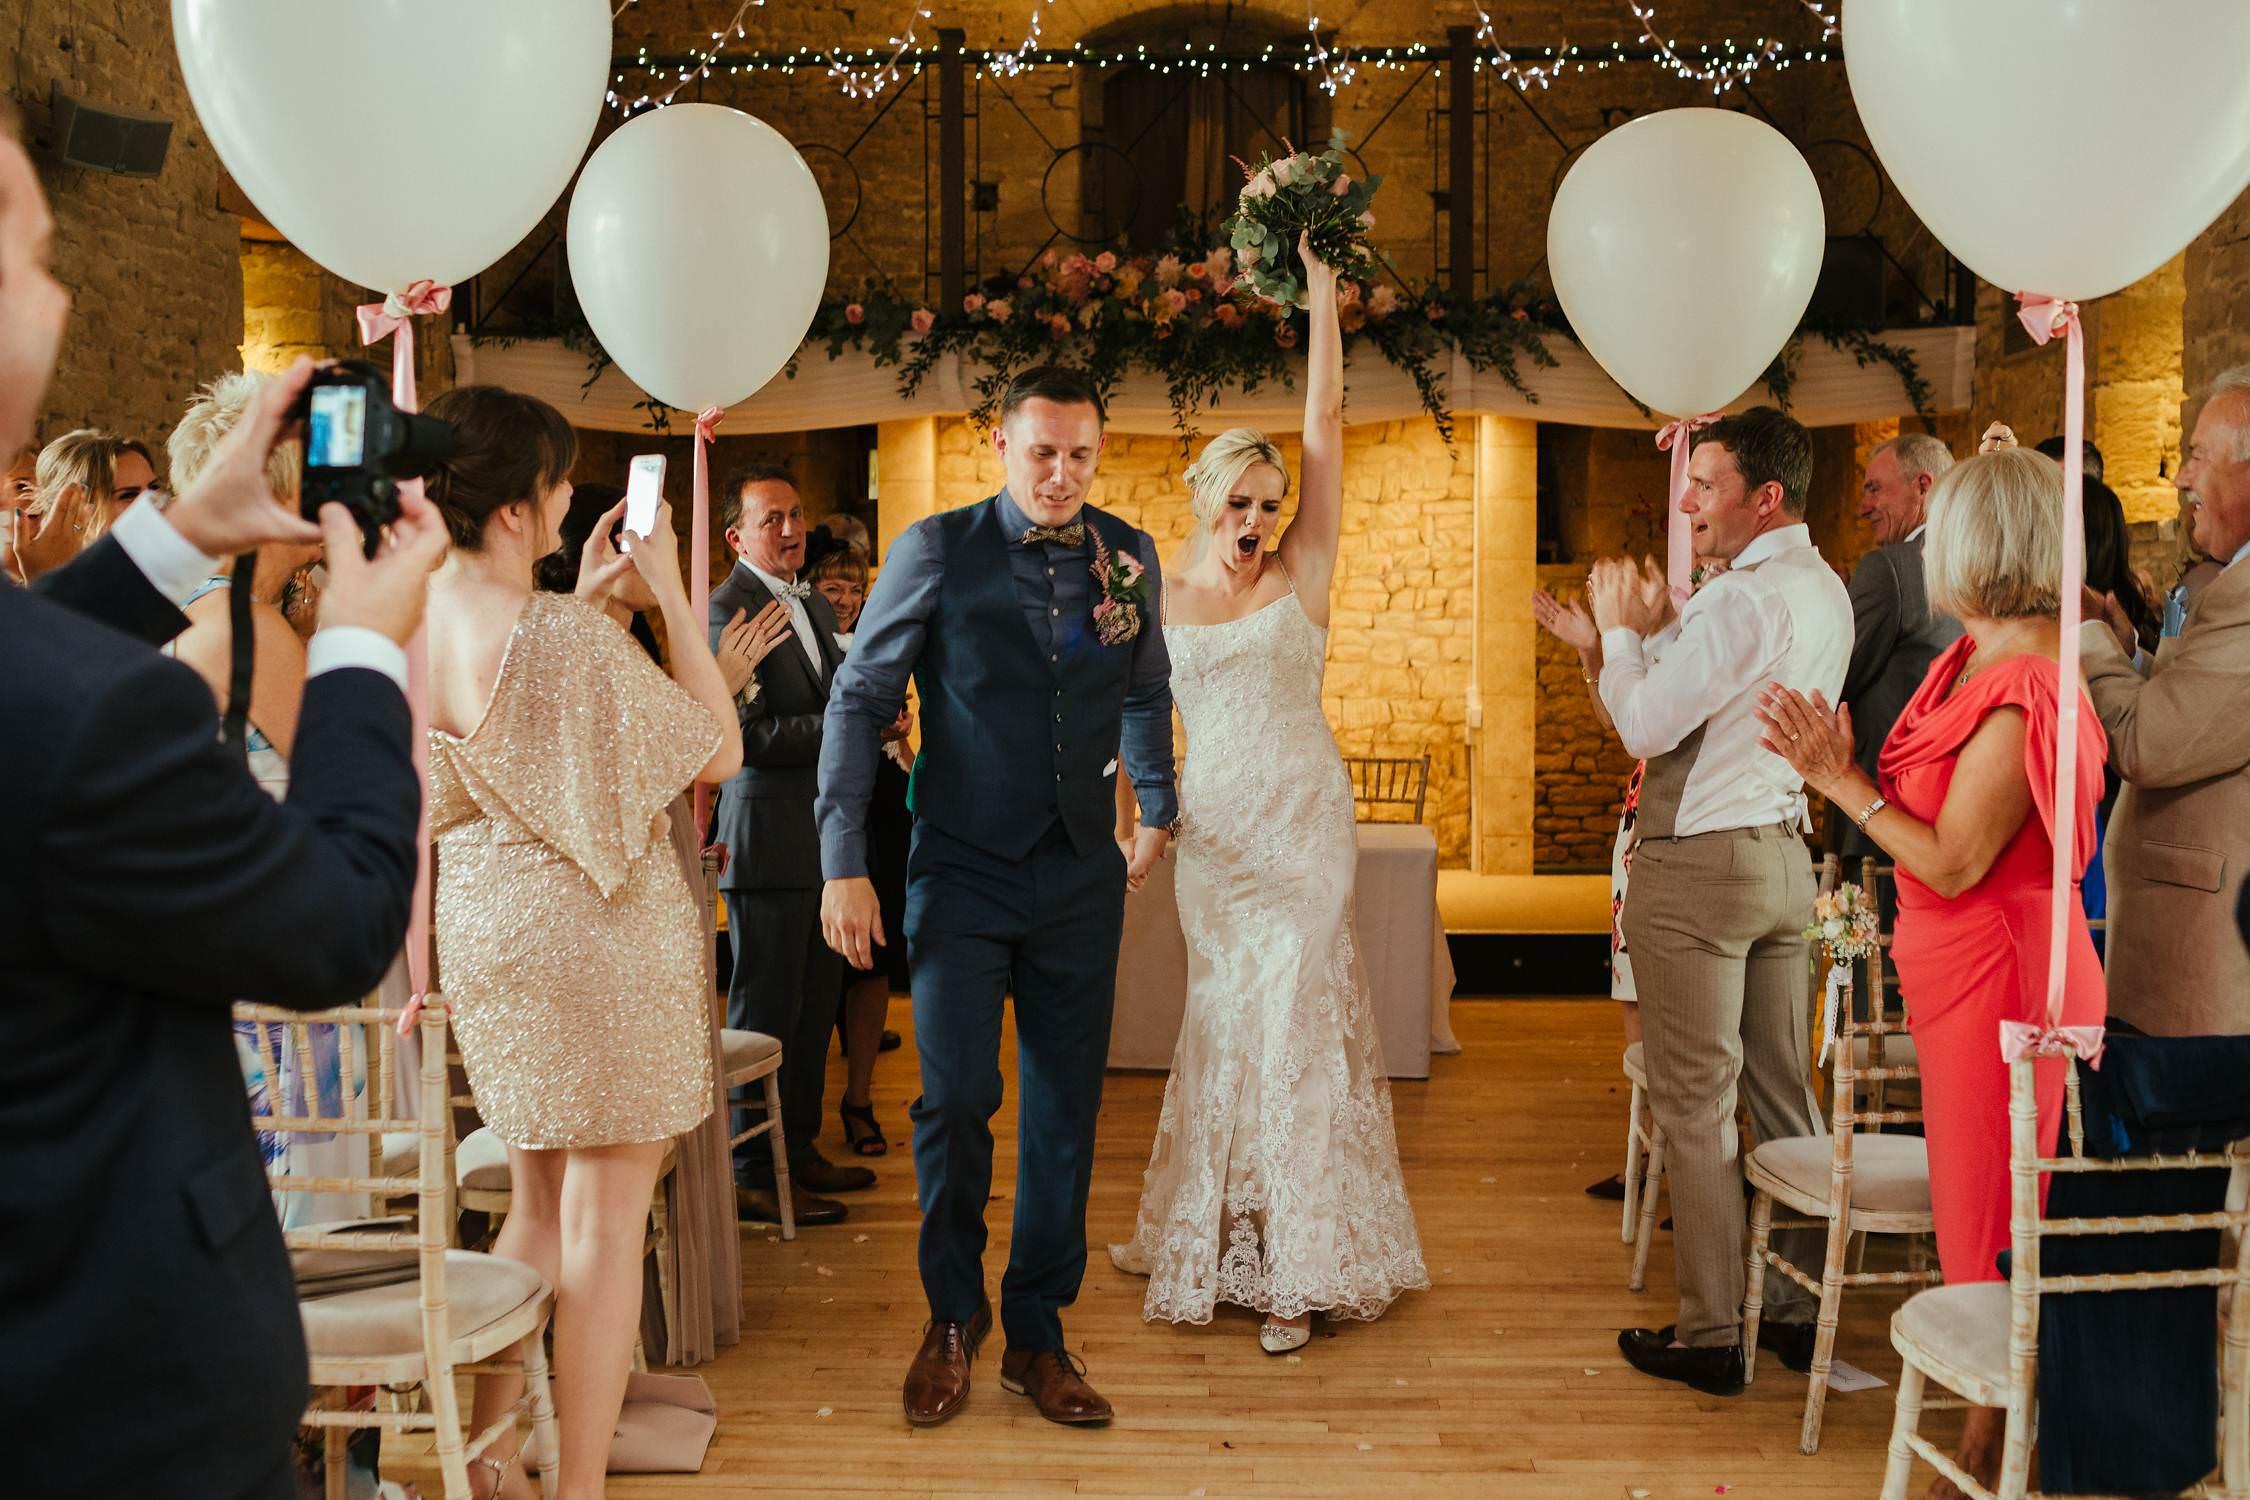 Buckinghamshire-Wedding-Photography-130